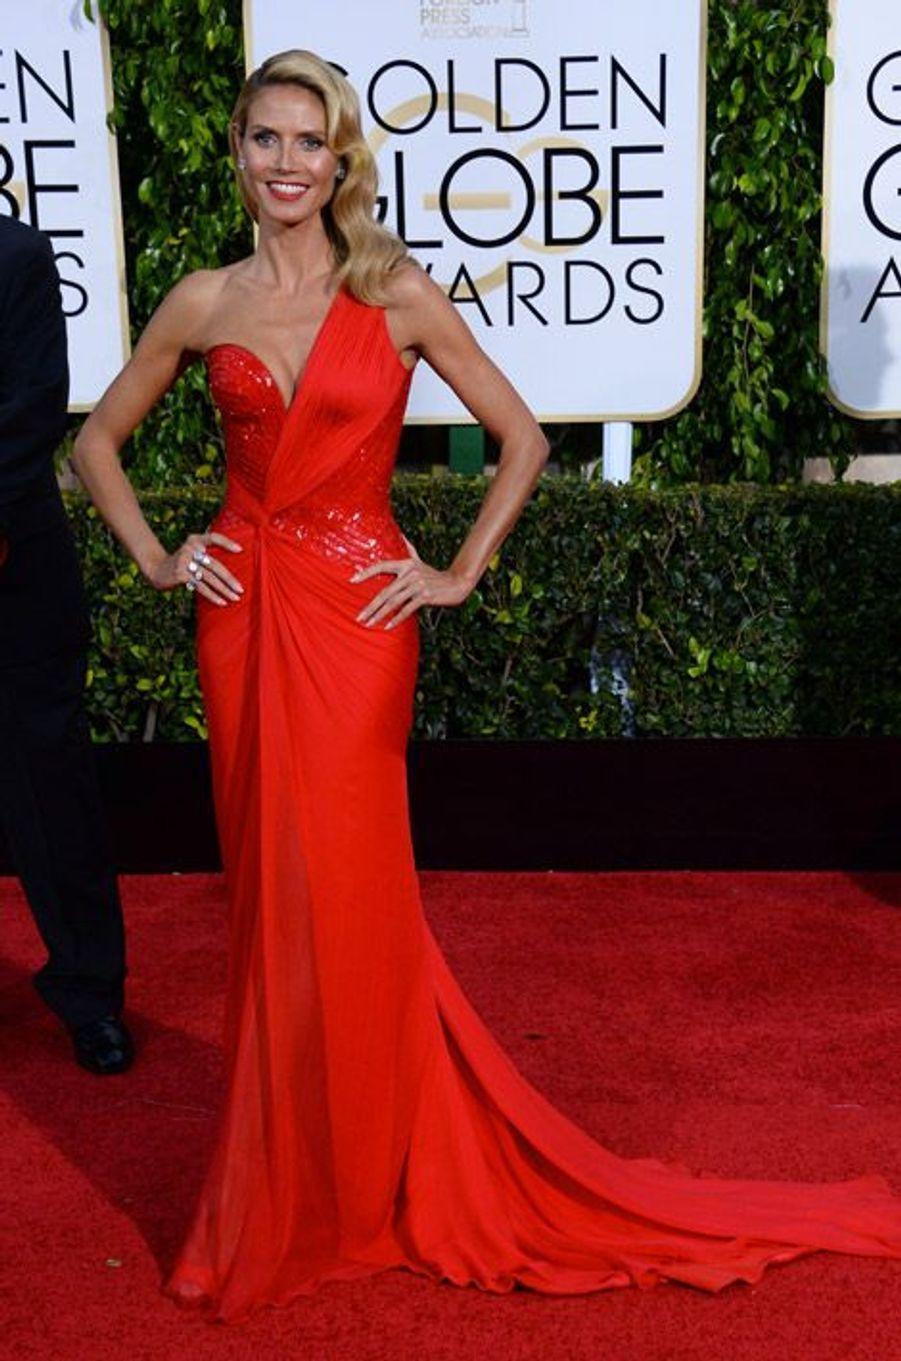 Le mannequin Heidi Klum en Atelier Versace aux Golden Globes, le 11 janvier 2015